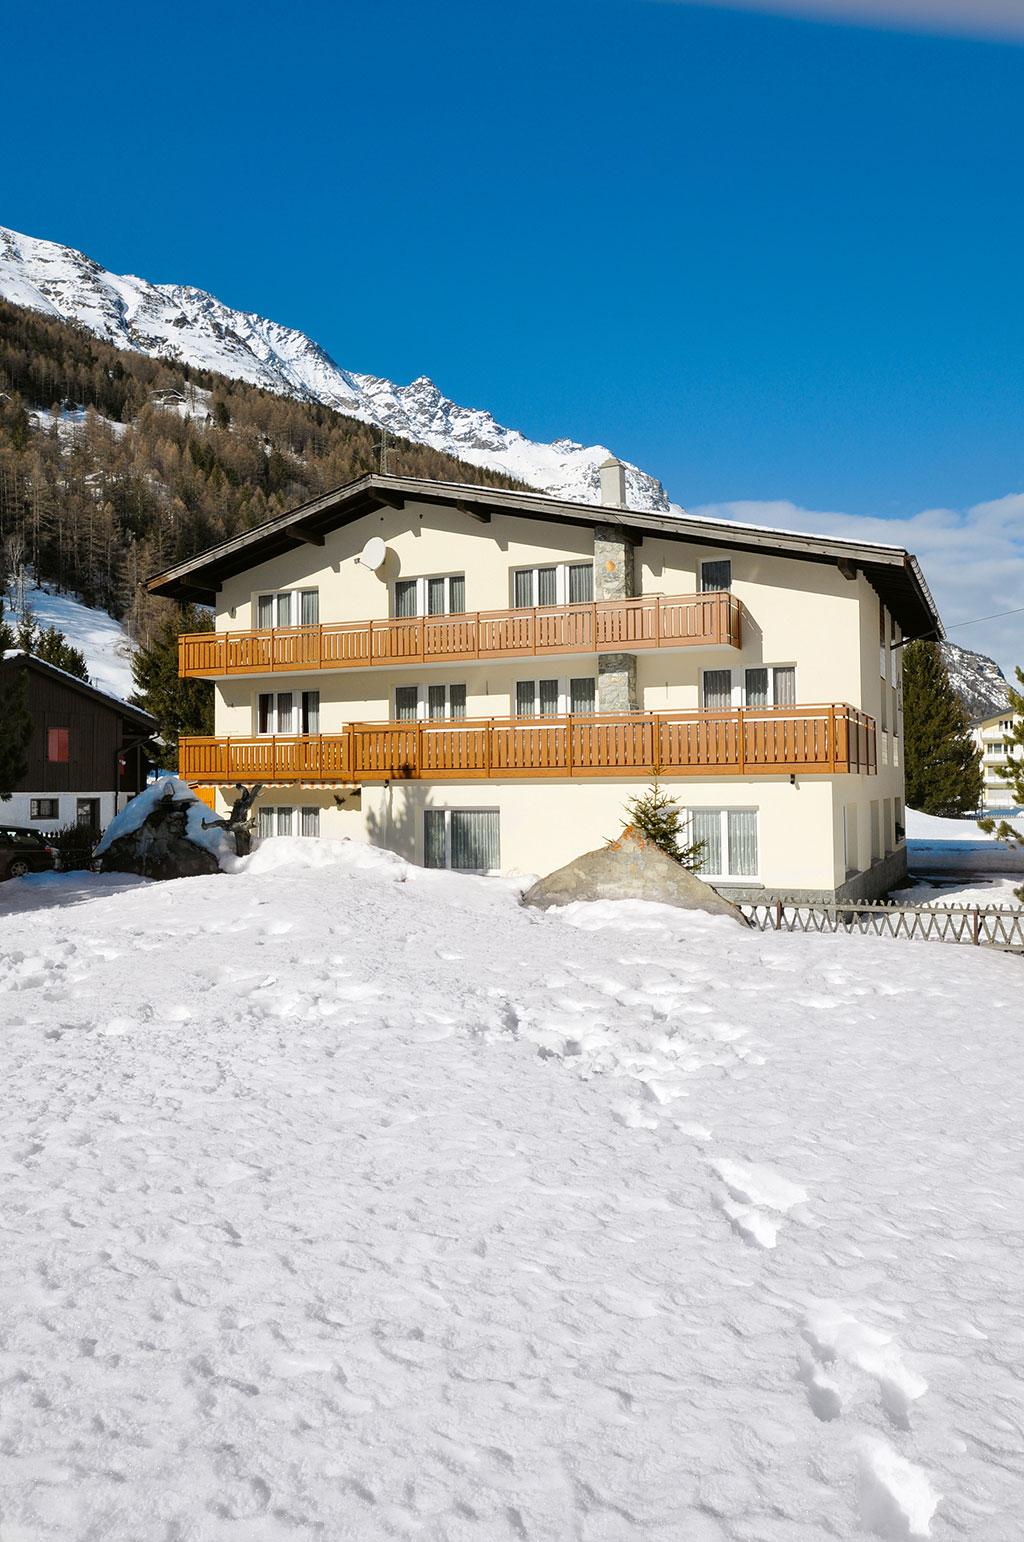 Ferienhaus 15-29 Pers. (365215), Saas Grund, Saastal, Wallis, Schweiz, Bild 11